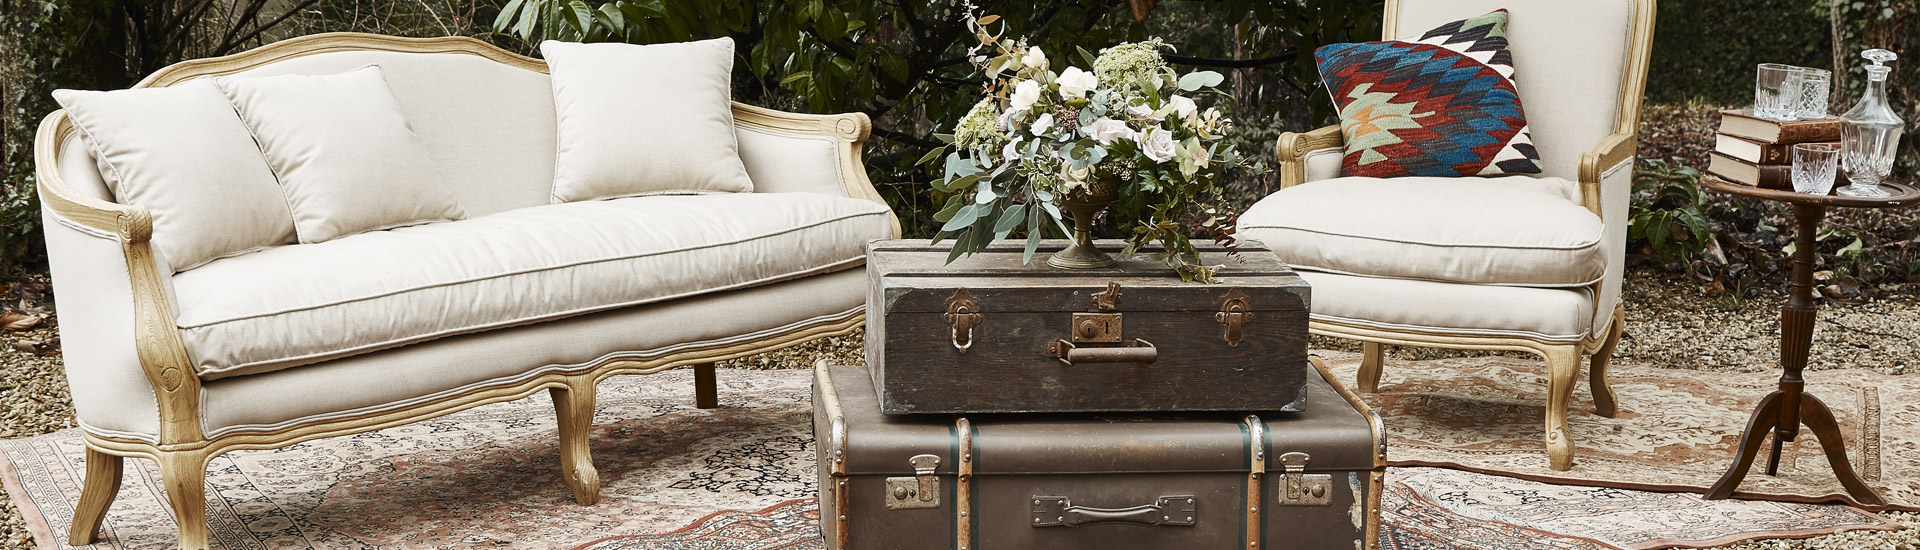 objetos y accesorios vintage